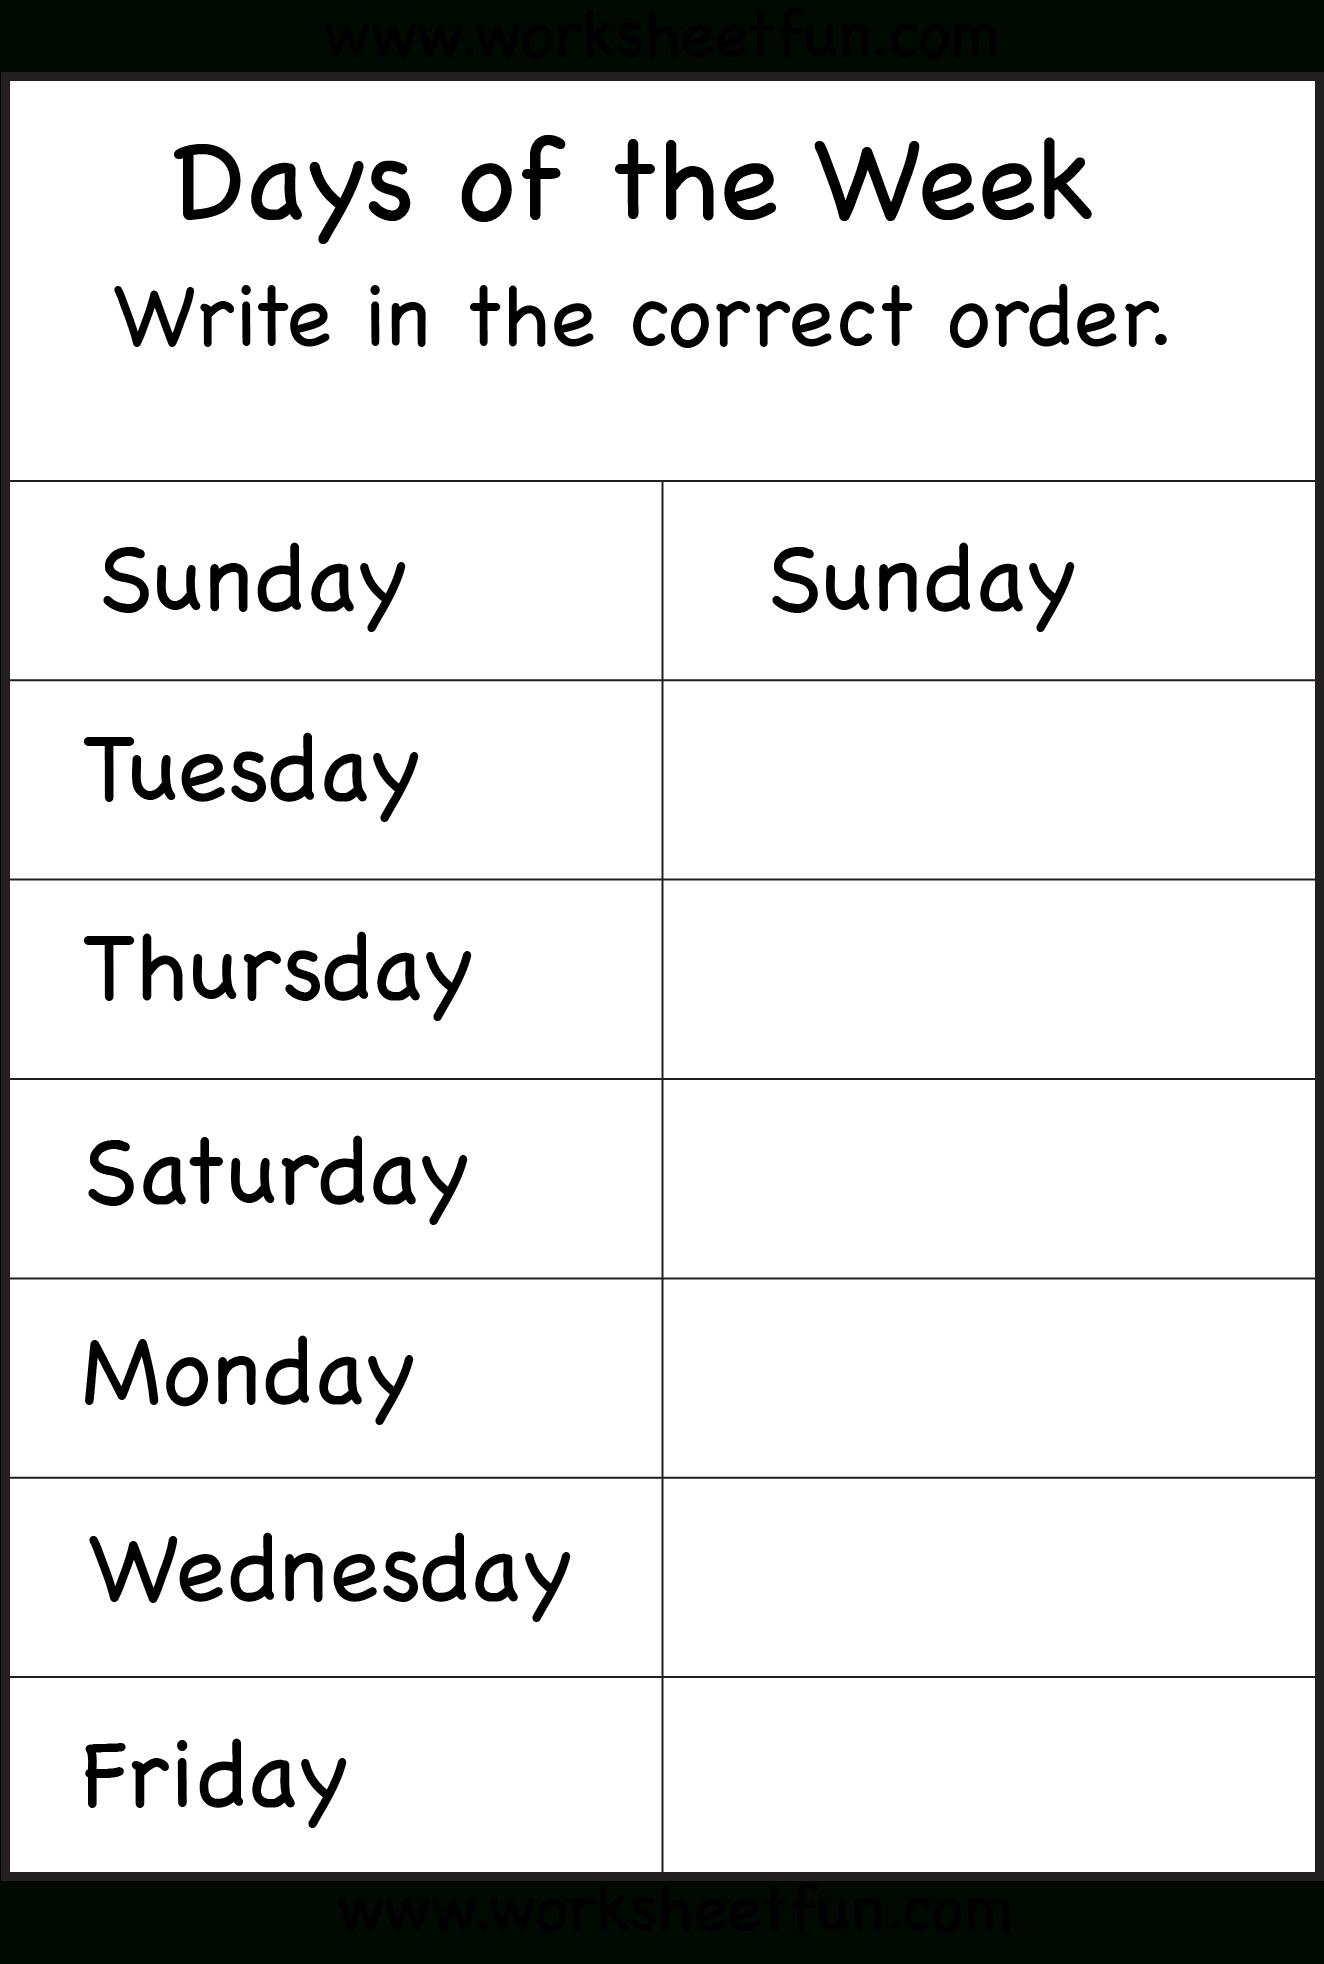 Days Of The Week Worksheet   Printable Worksheets   School   Free Printable Kindergarten Days Of The Week Worksheets